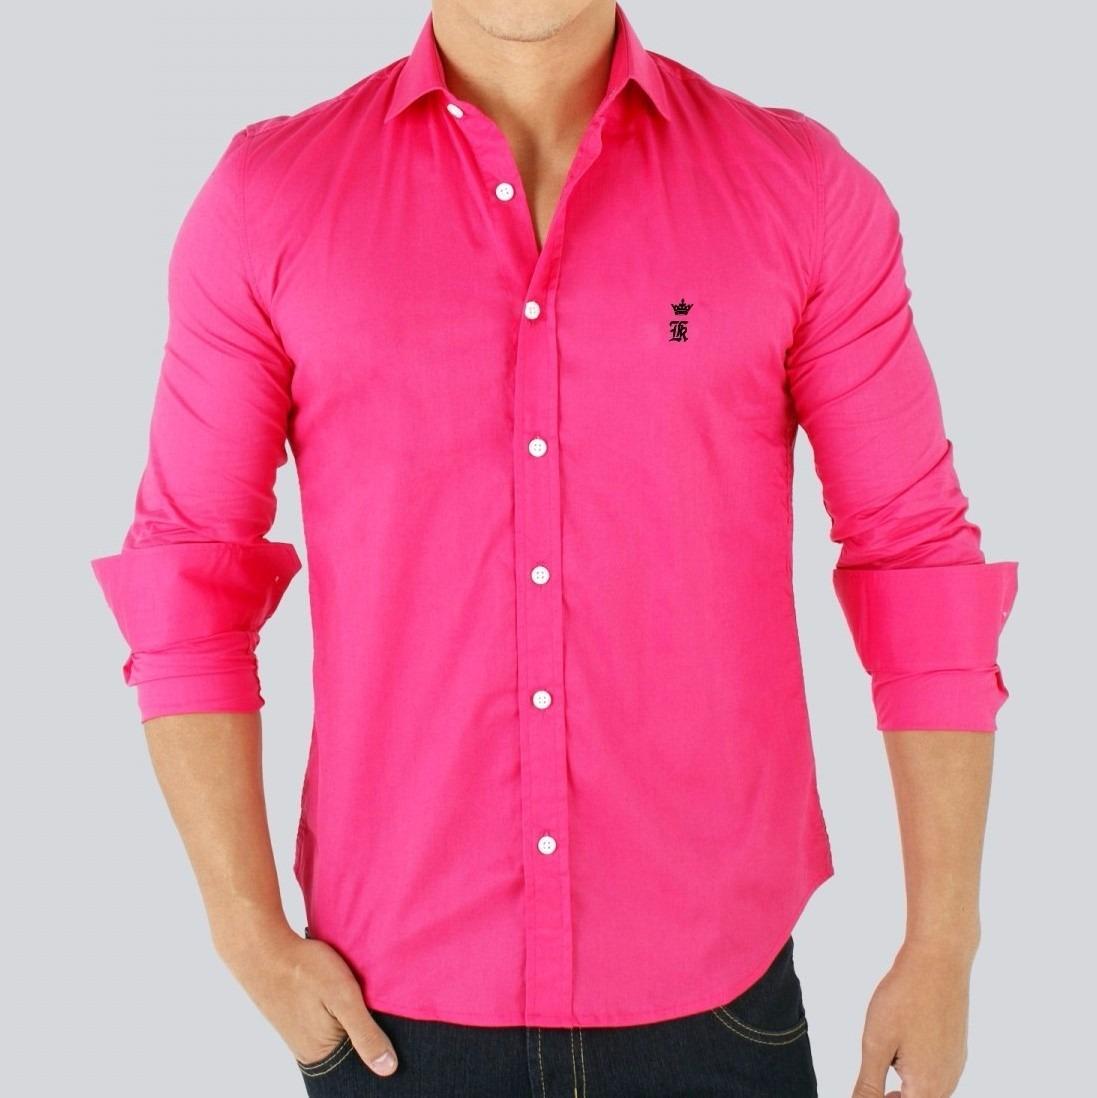 aba9556d54a2d camisa polo social sergio k branca original frete grátis. Carregando zoom.